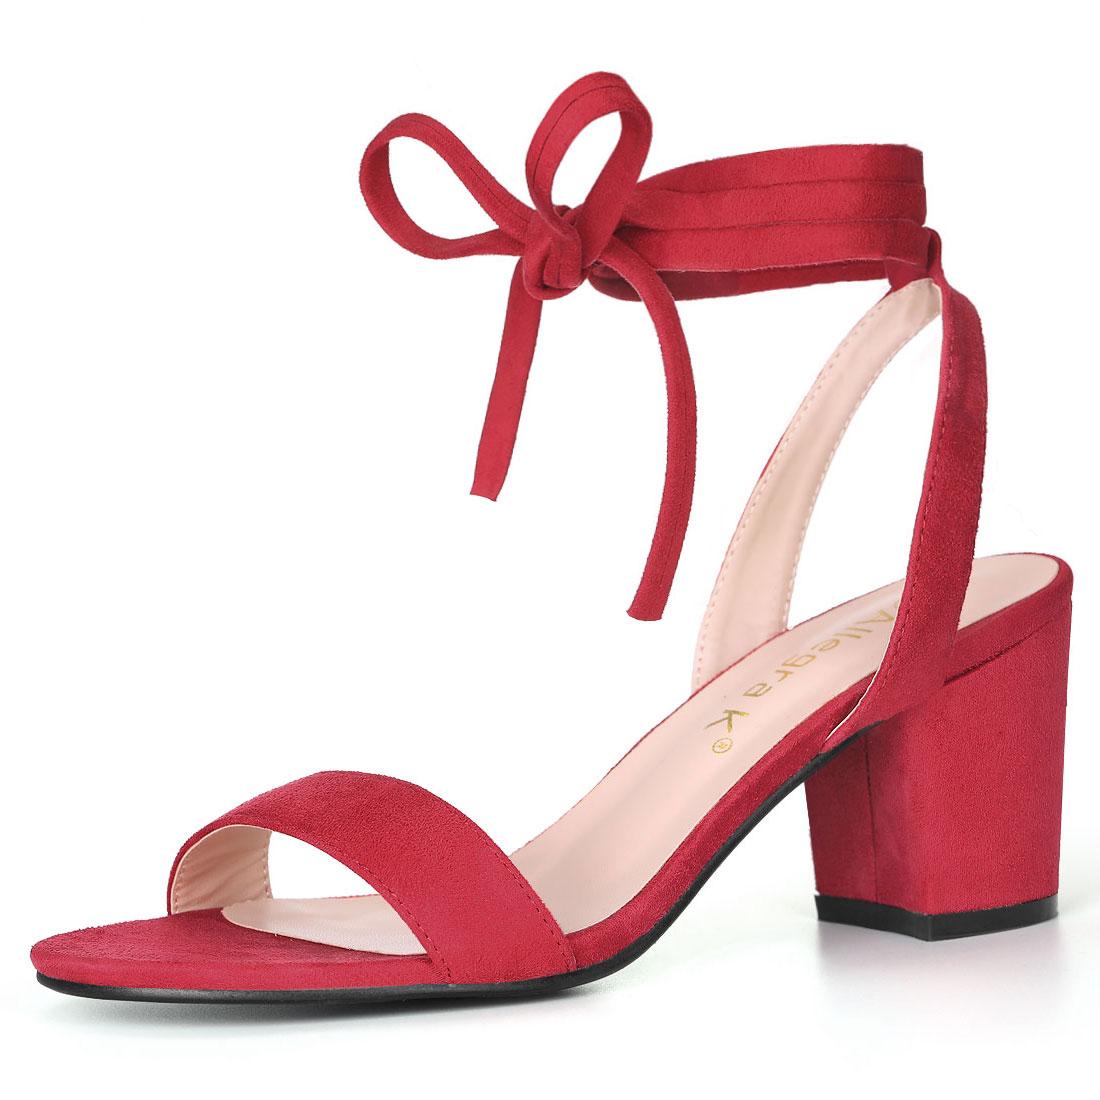 Allegra K Women's Open Toe Mid Block Heel Ankle Tie Sandals Red US 8